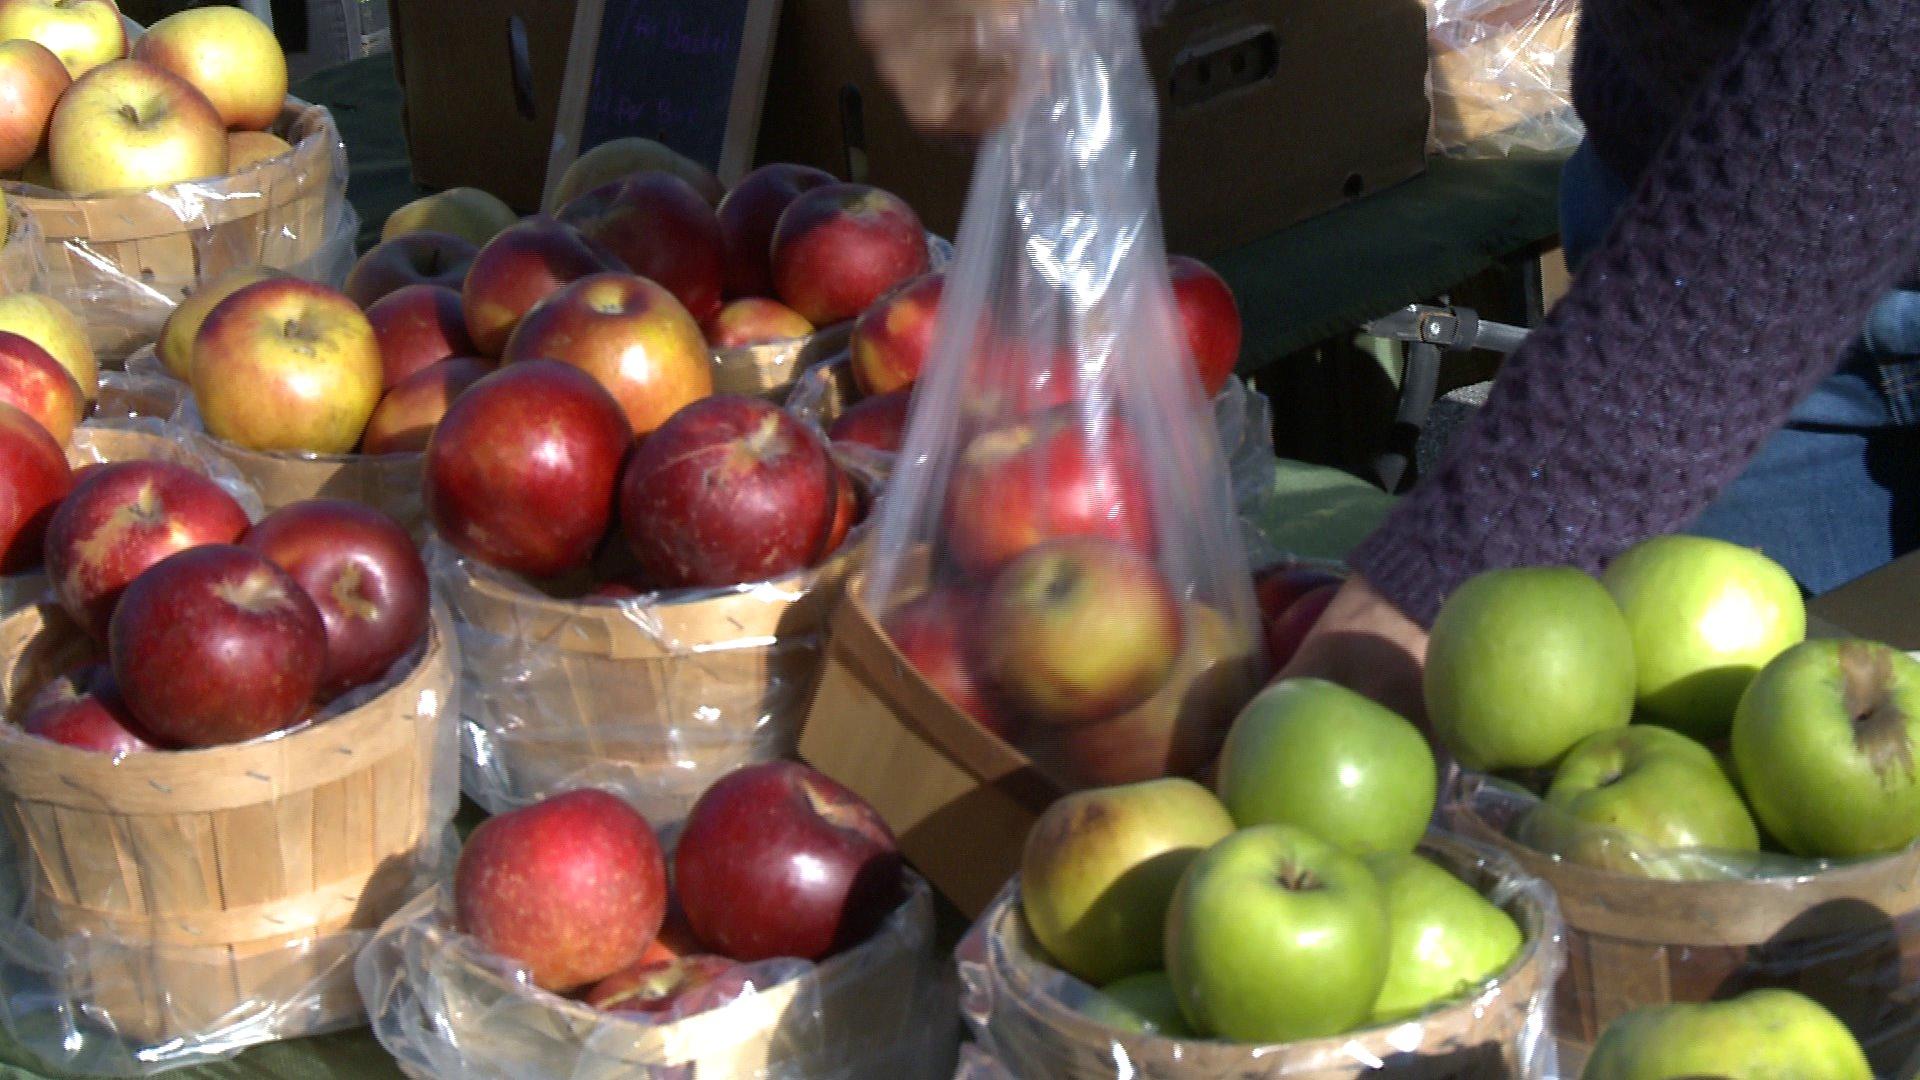 fayetteville farmers market